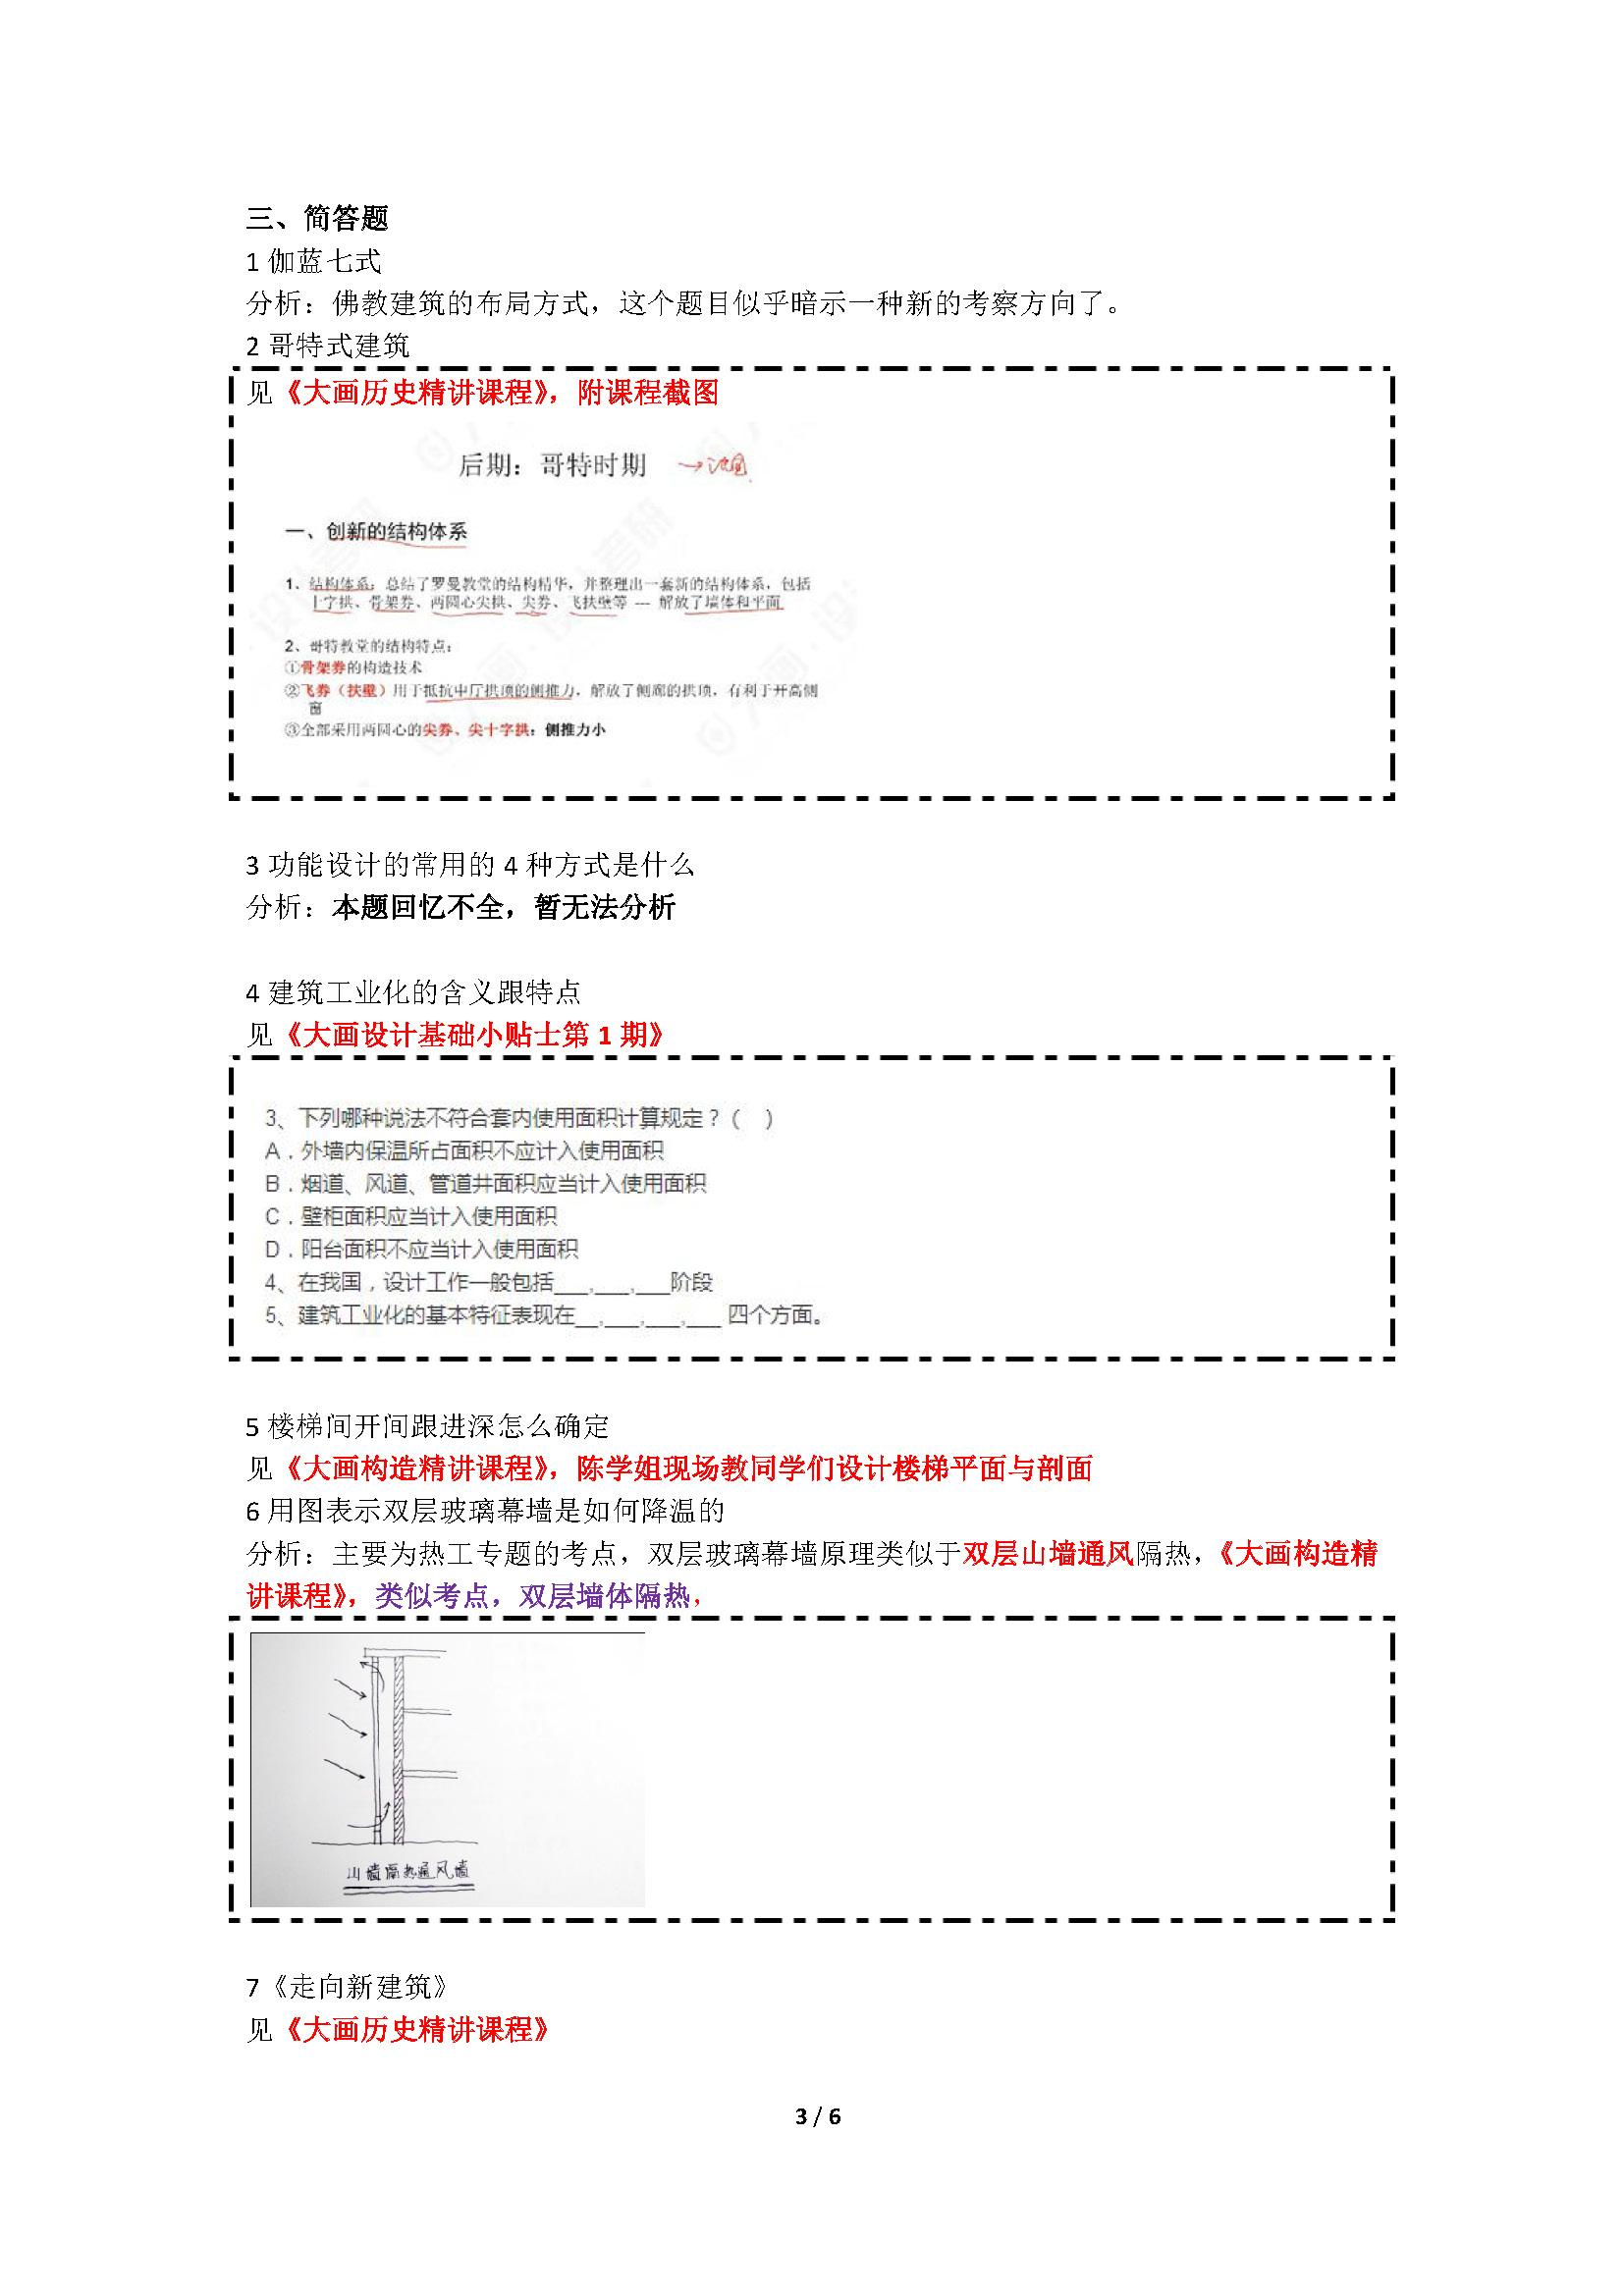 2018湖大综合真题 _页面_3.jpg